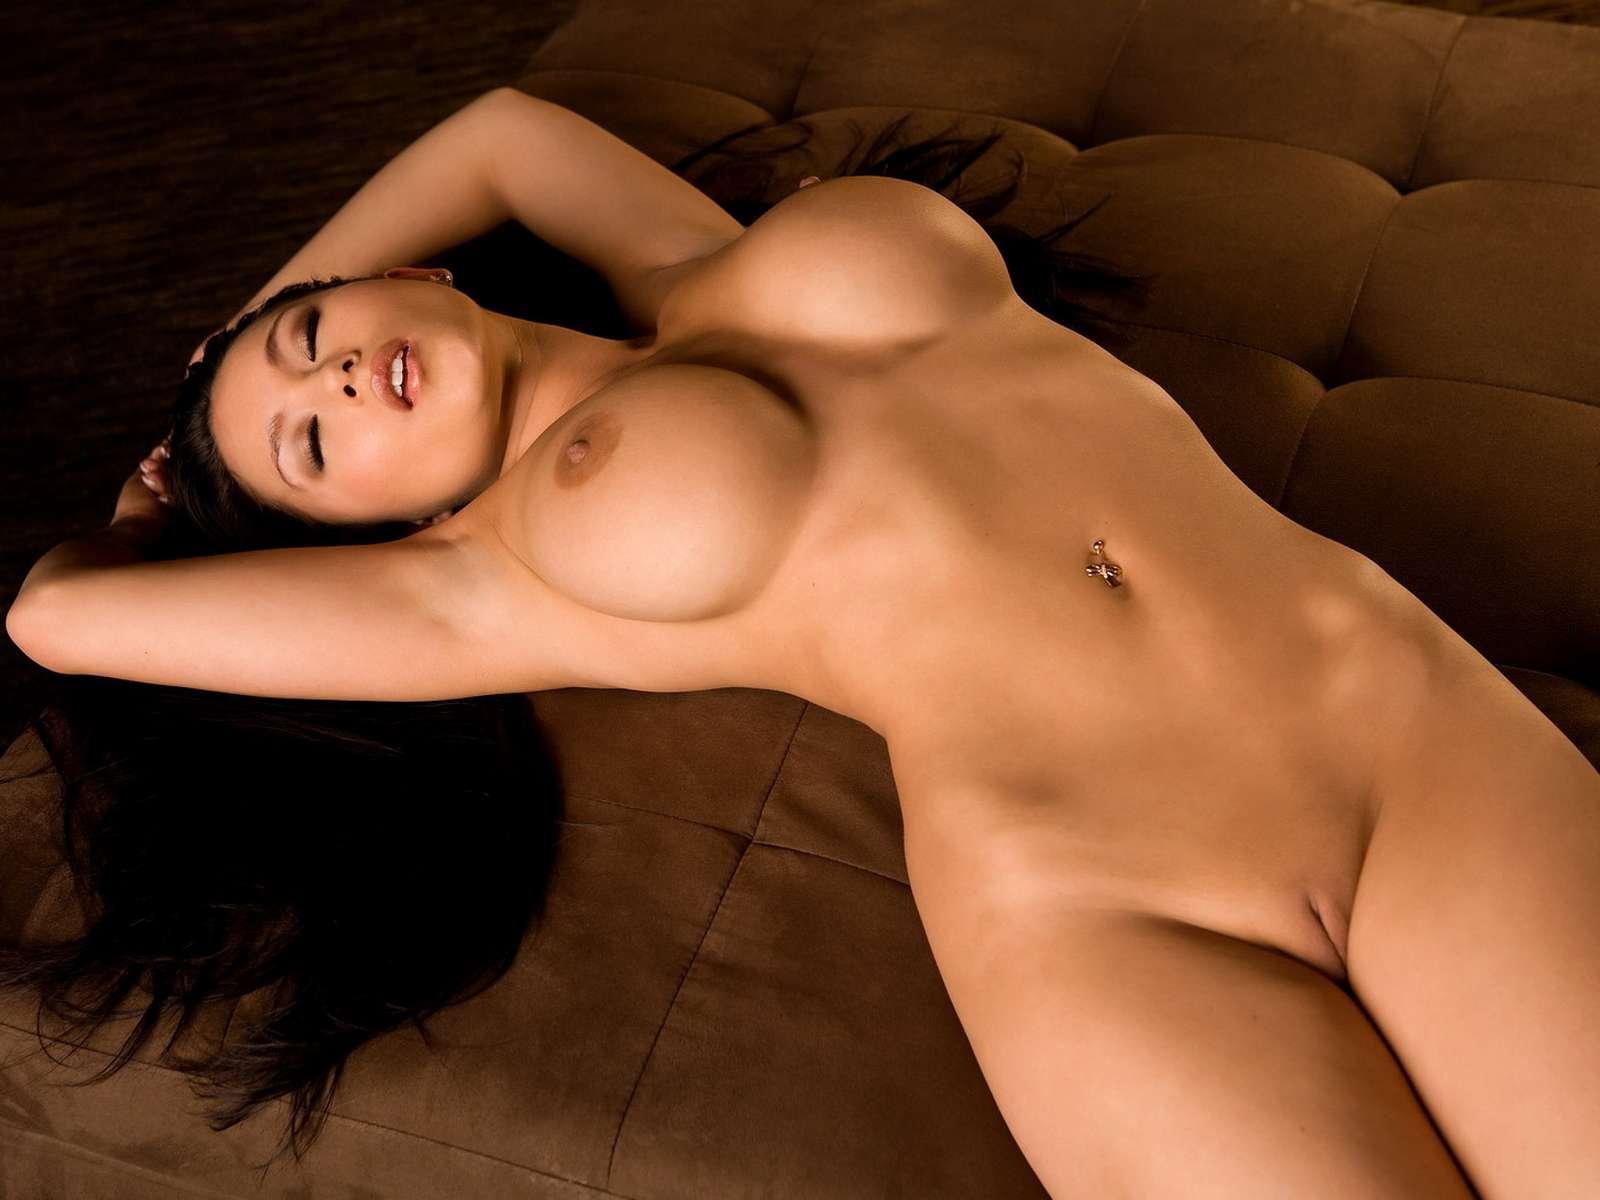 Большегрудые девушки голые